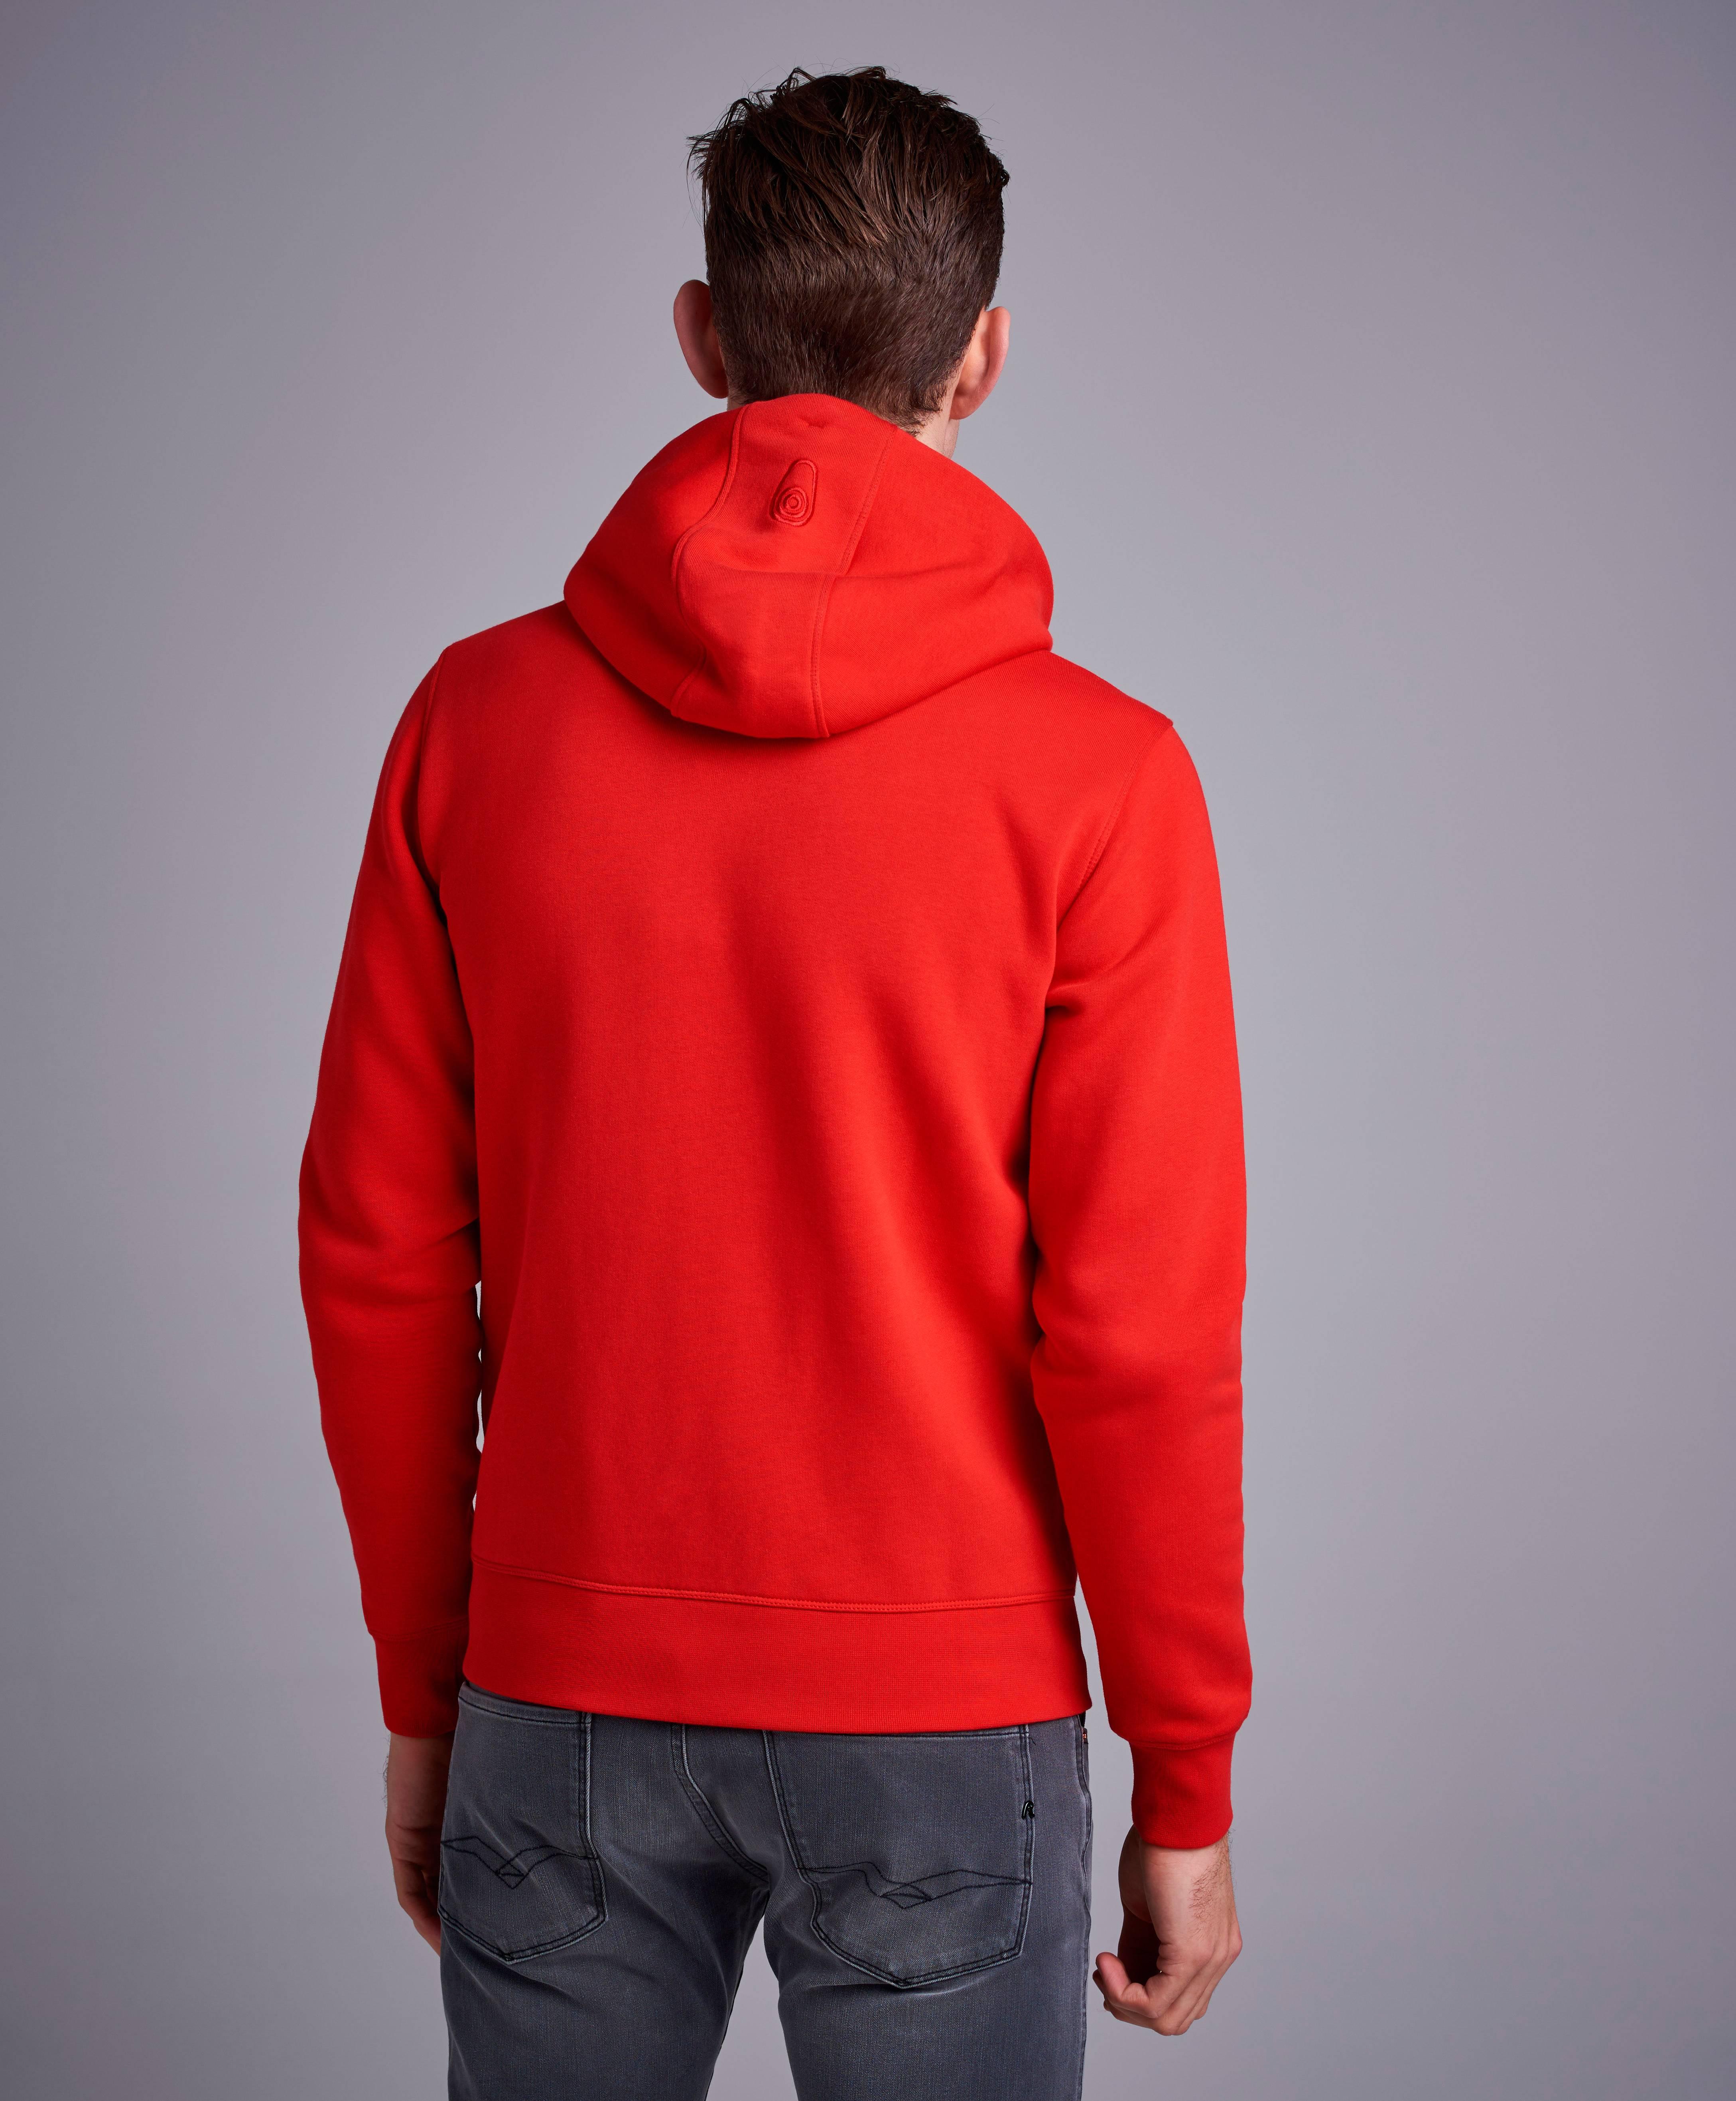 Bowman Zip Hood (Röd)